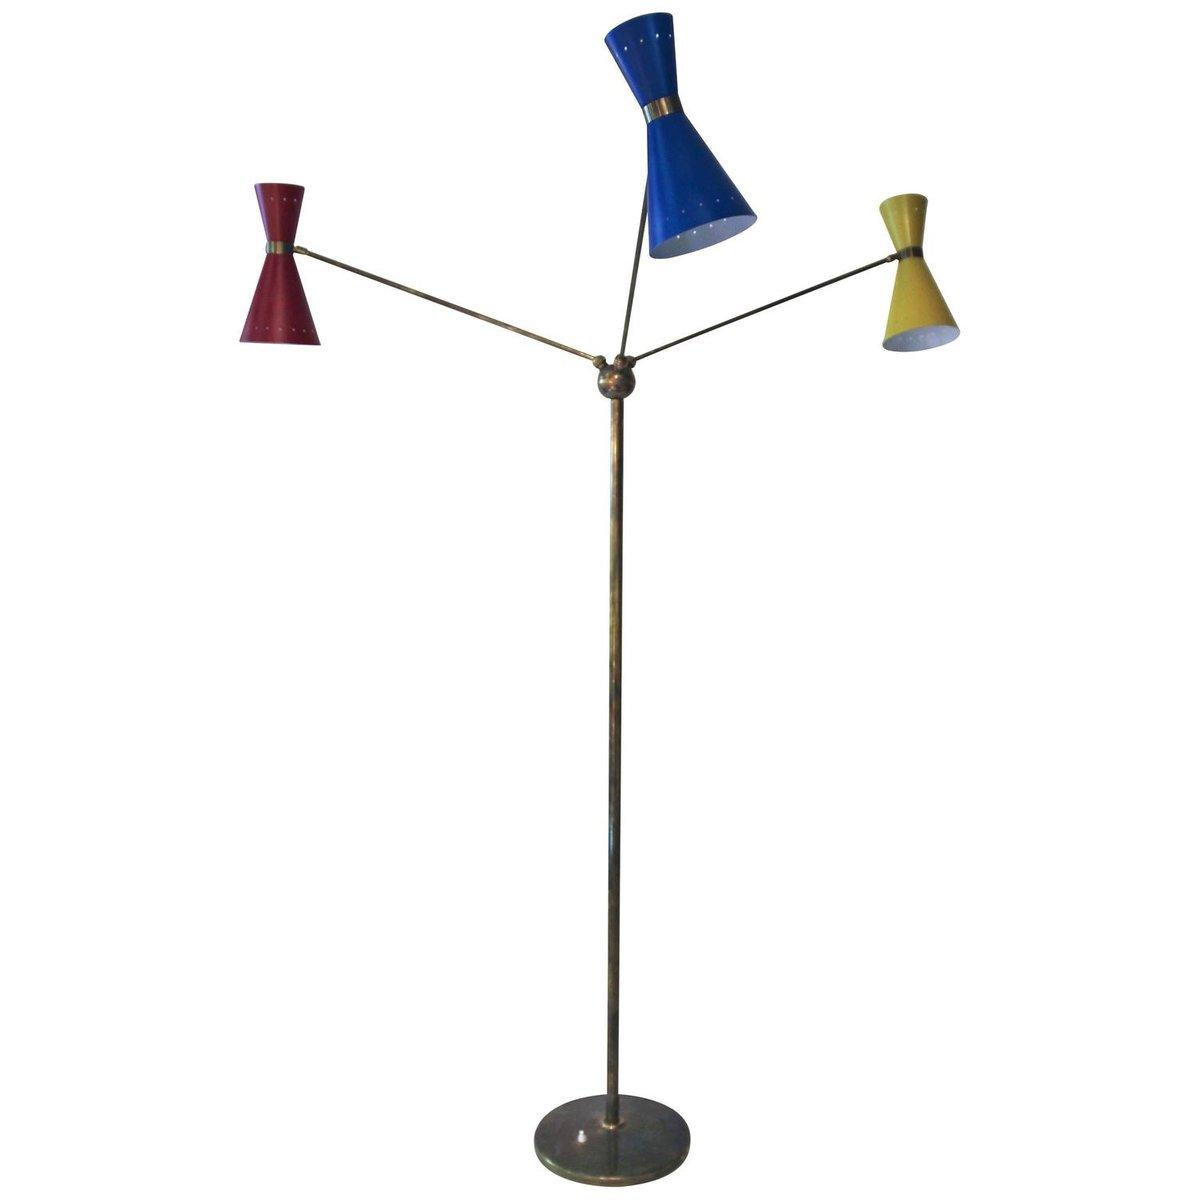 italienische triennale stehlampe aus messing metall mit. Black Bedroom Furniture Sets. Home Design Ideas